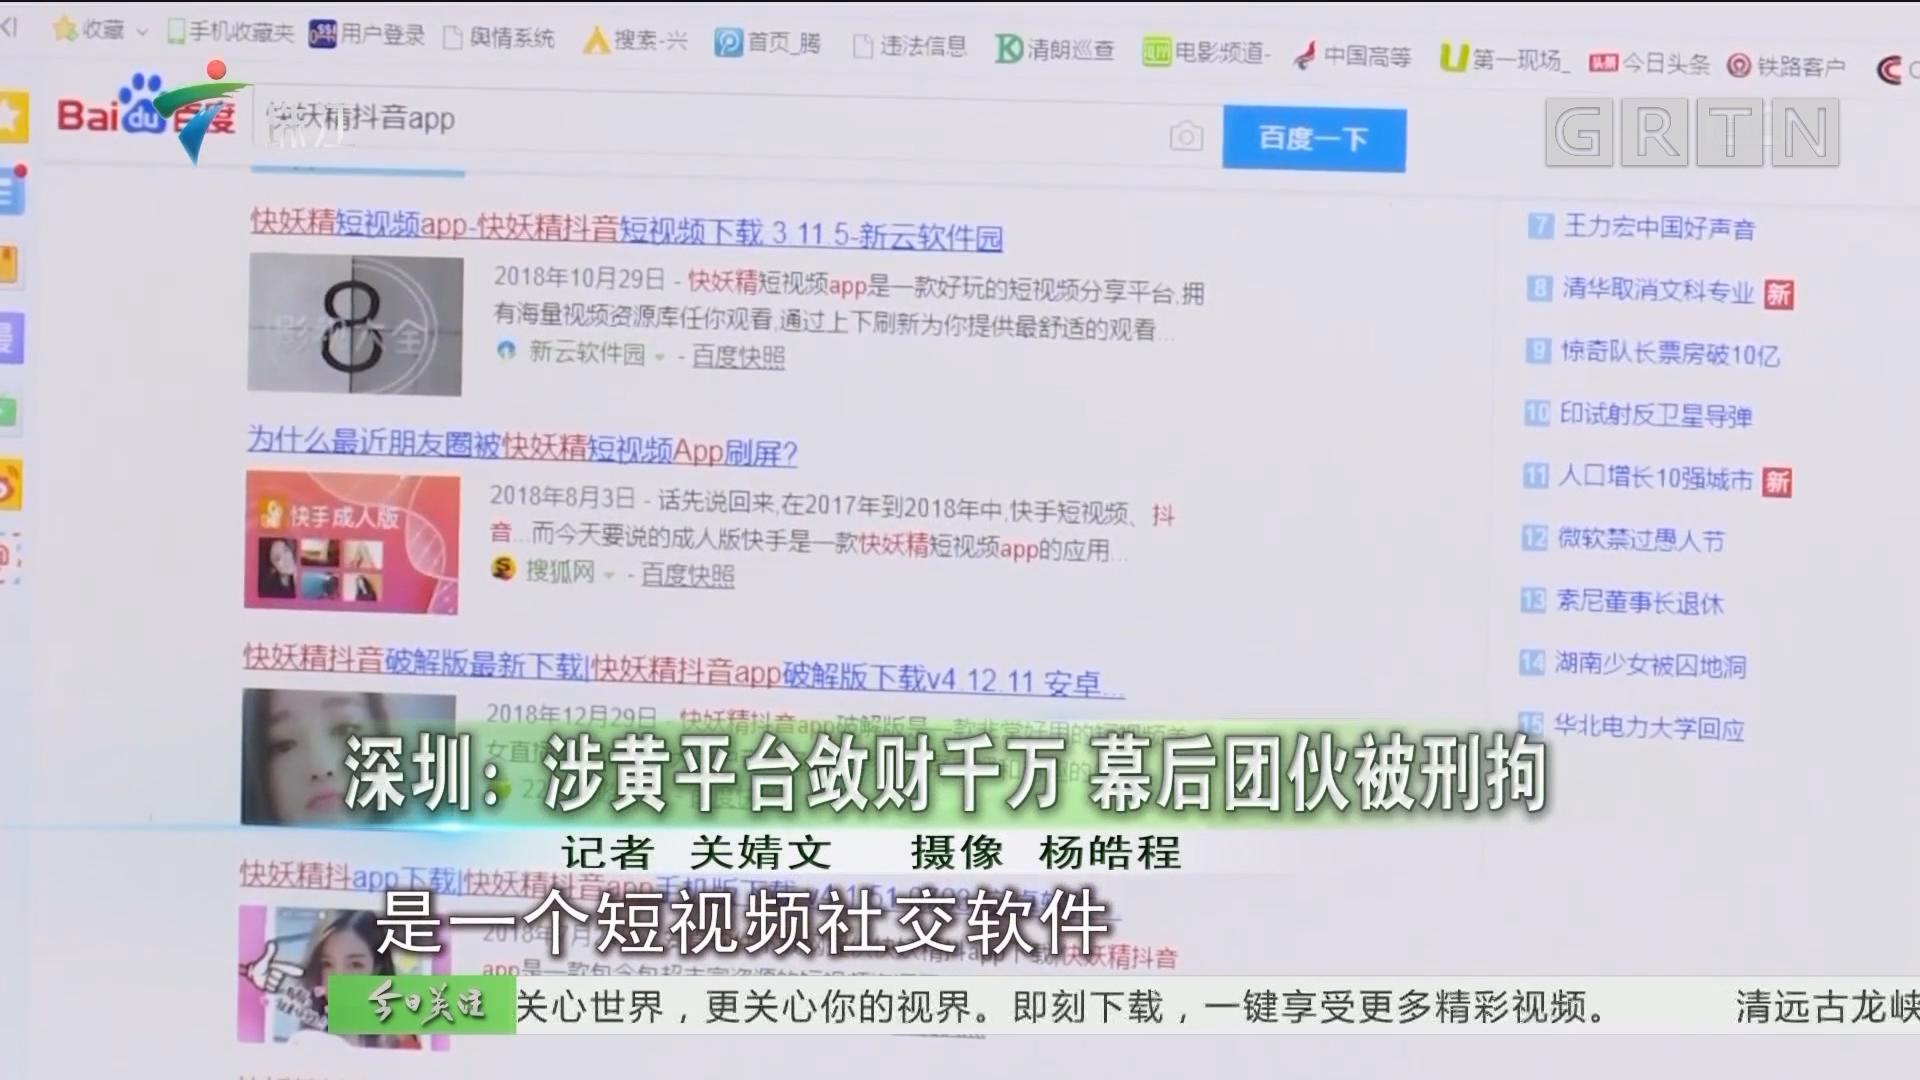 深圳:涉黄平台敛财千万 幕后团伙被刑拘